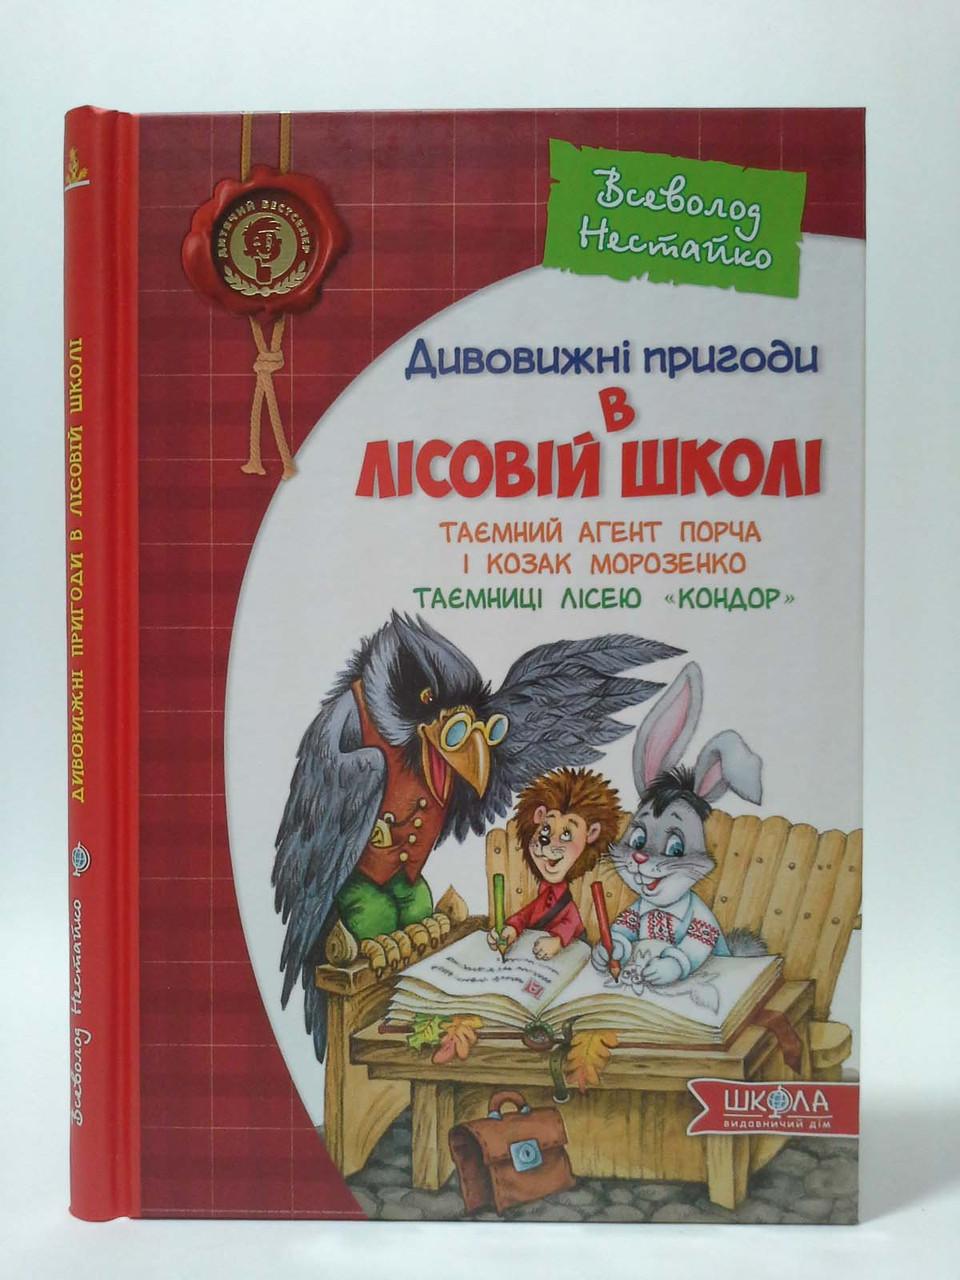 """Дивовижні пригоди в лісовій школі. Таємний агент Порча і козак Морозенко. Таємниця лісею """"Кондор"""". В.Нестайко"""